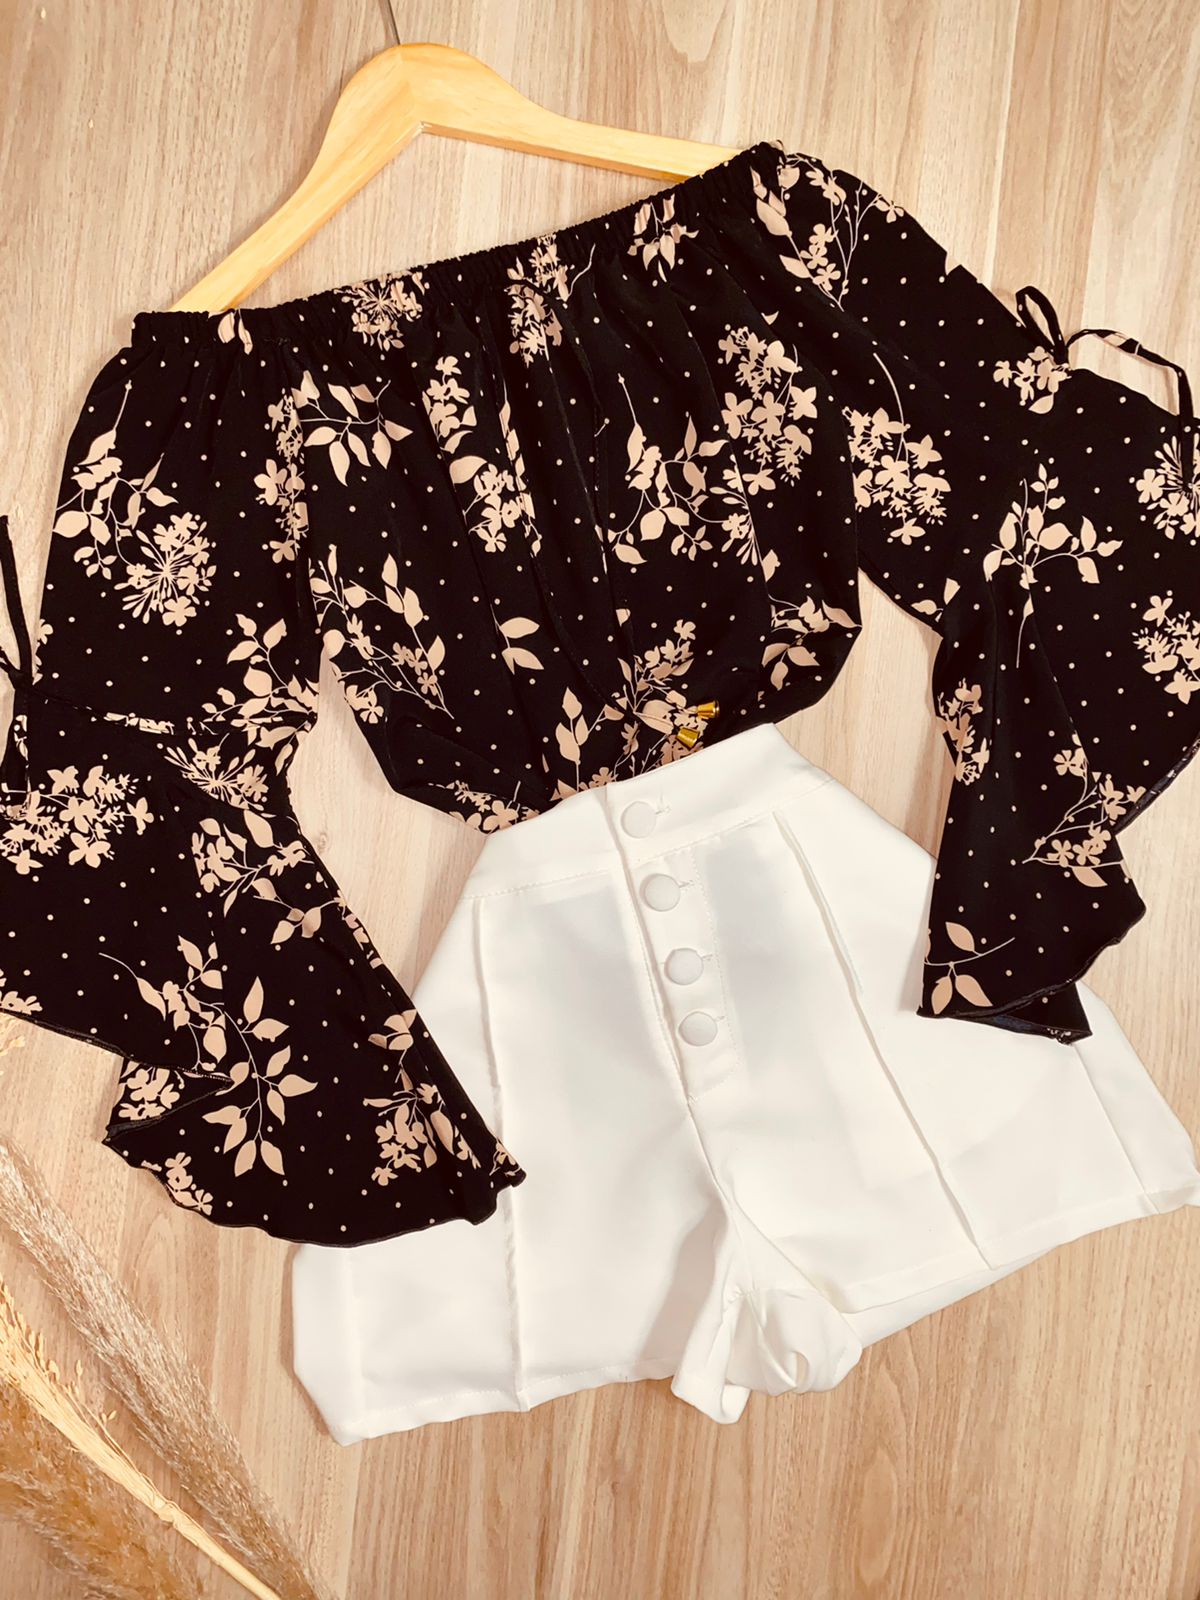 Blusa Ciganinha Manga 3|4 Lacinho Flores Poá Black